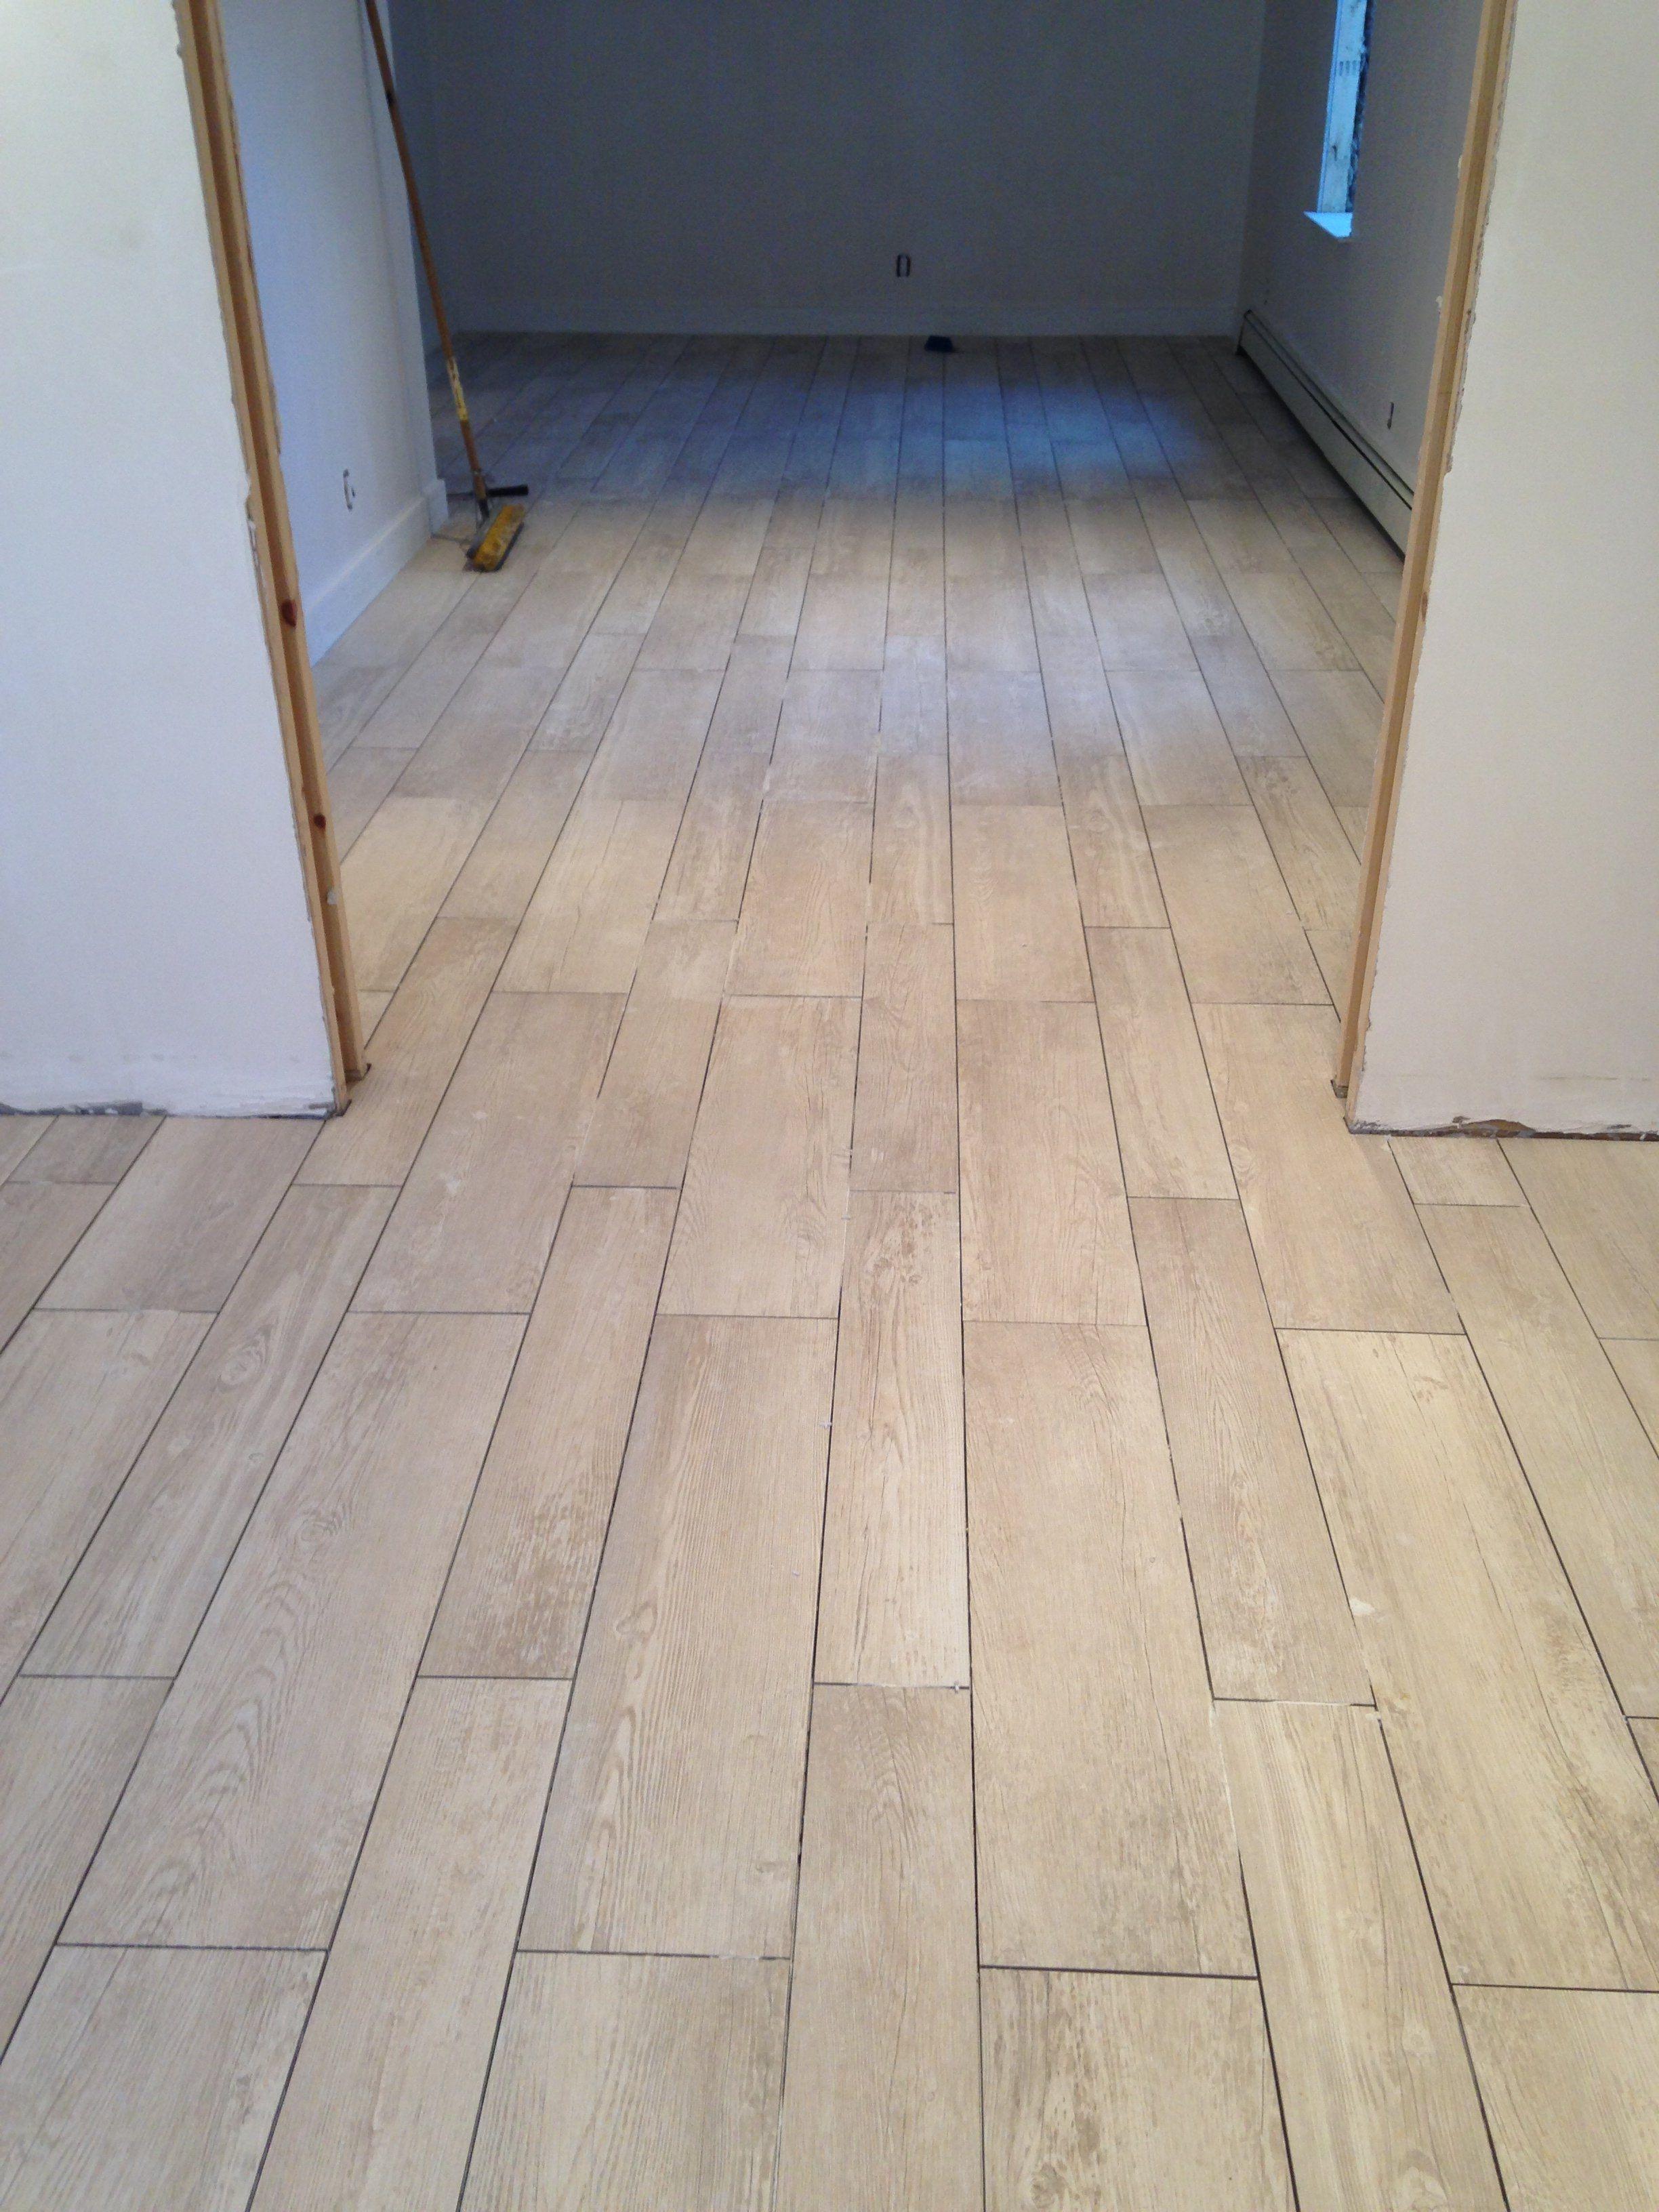 Porcelain Floor Tile That Looks Like Brick Httpnextsoft21